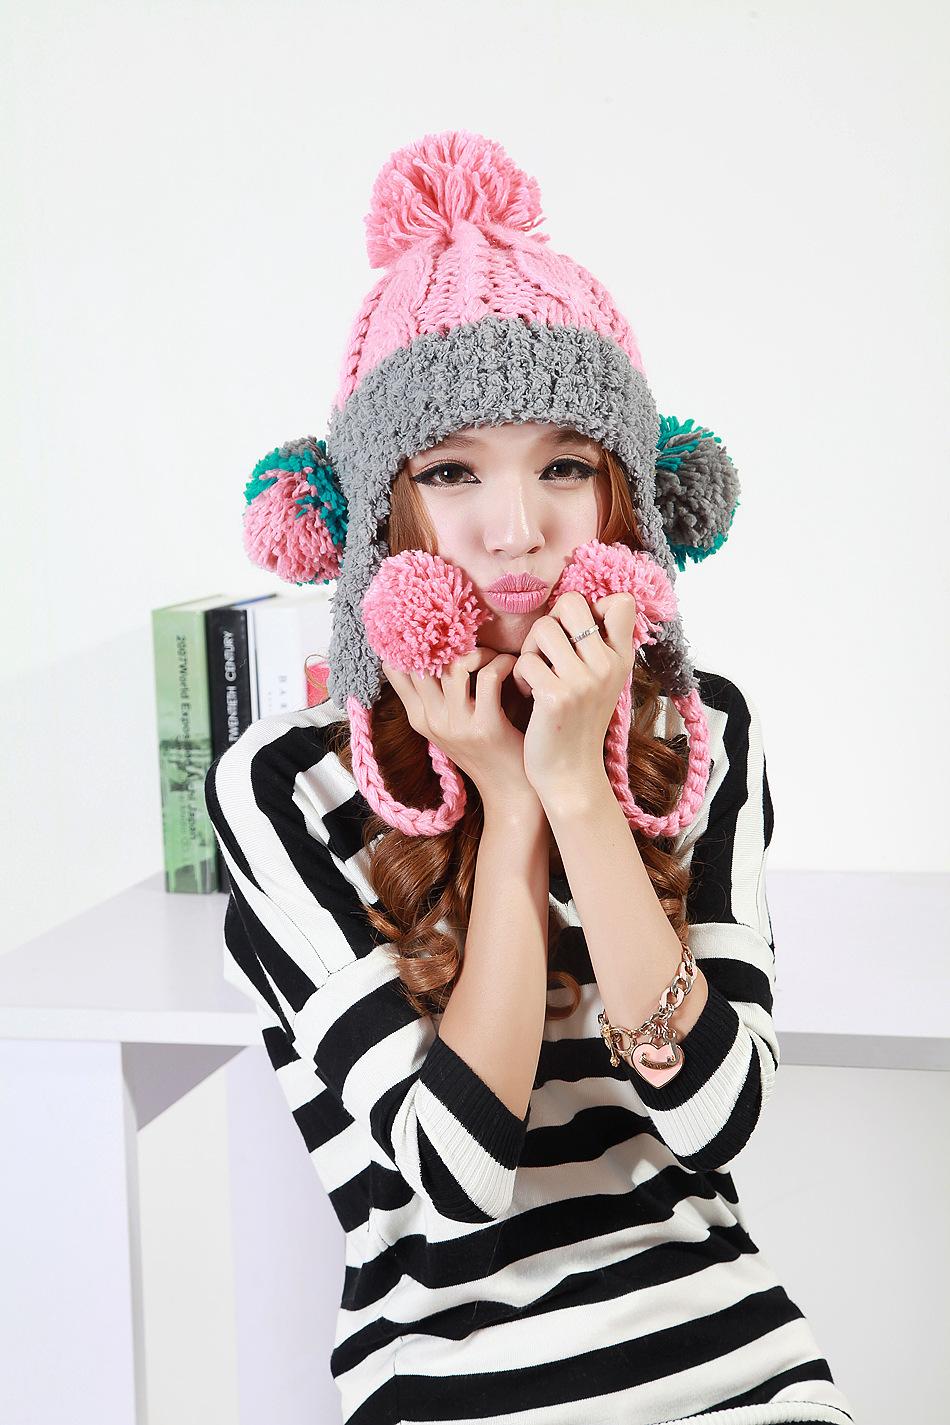 2014新款 女韩版手工编织珊瑚绒五球毛线帽子拼色针织帽护耳冬帽